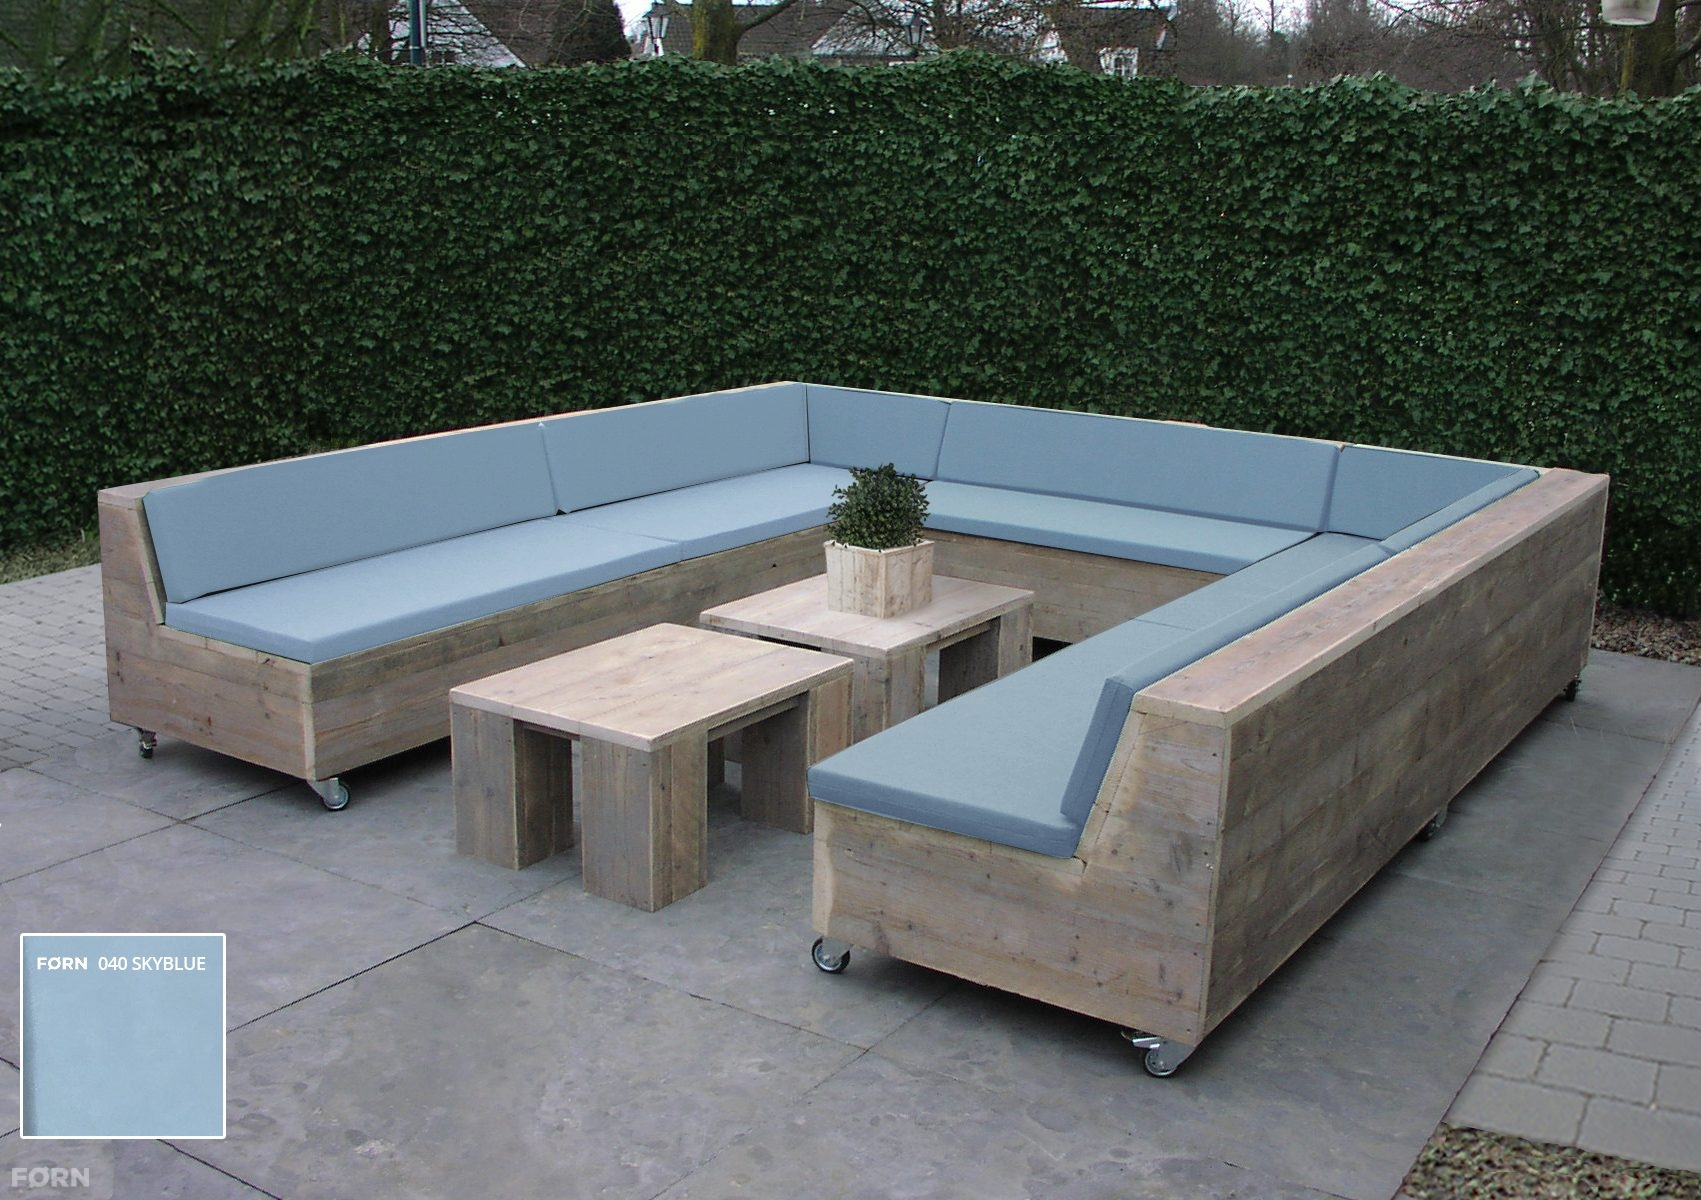 Steigerhouten loungeset newport tafeltje kussens en for Steigerhout loungeset zelf maken